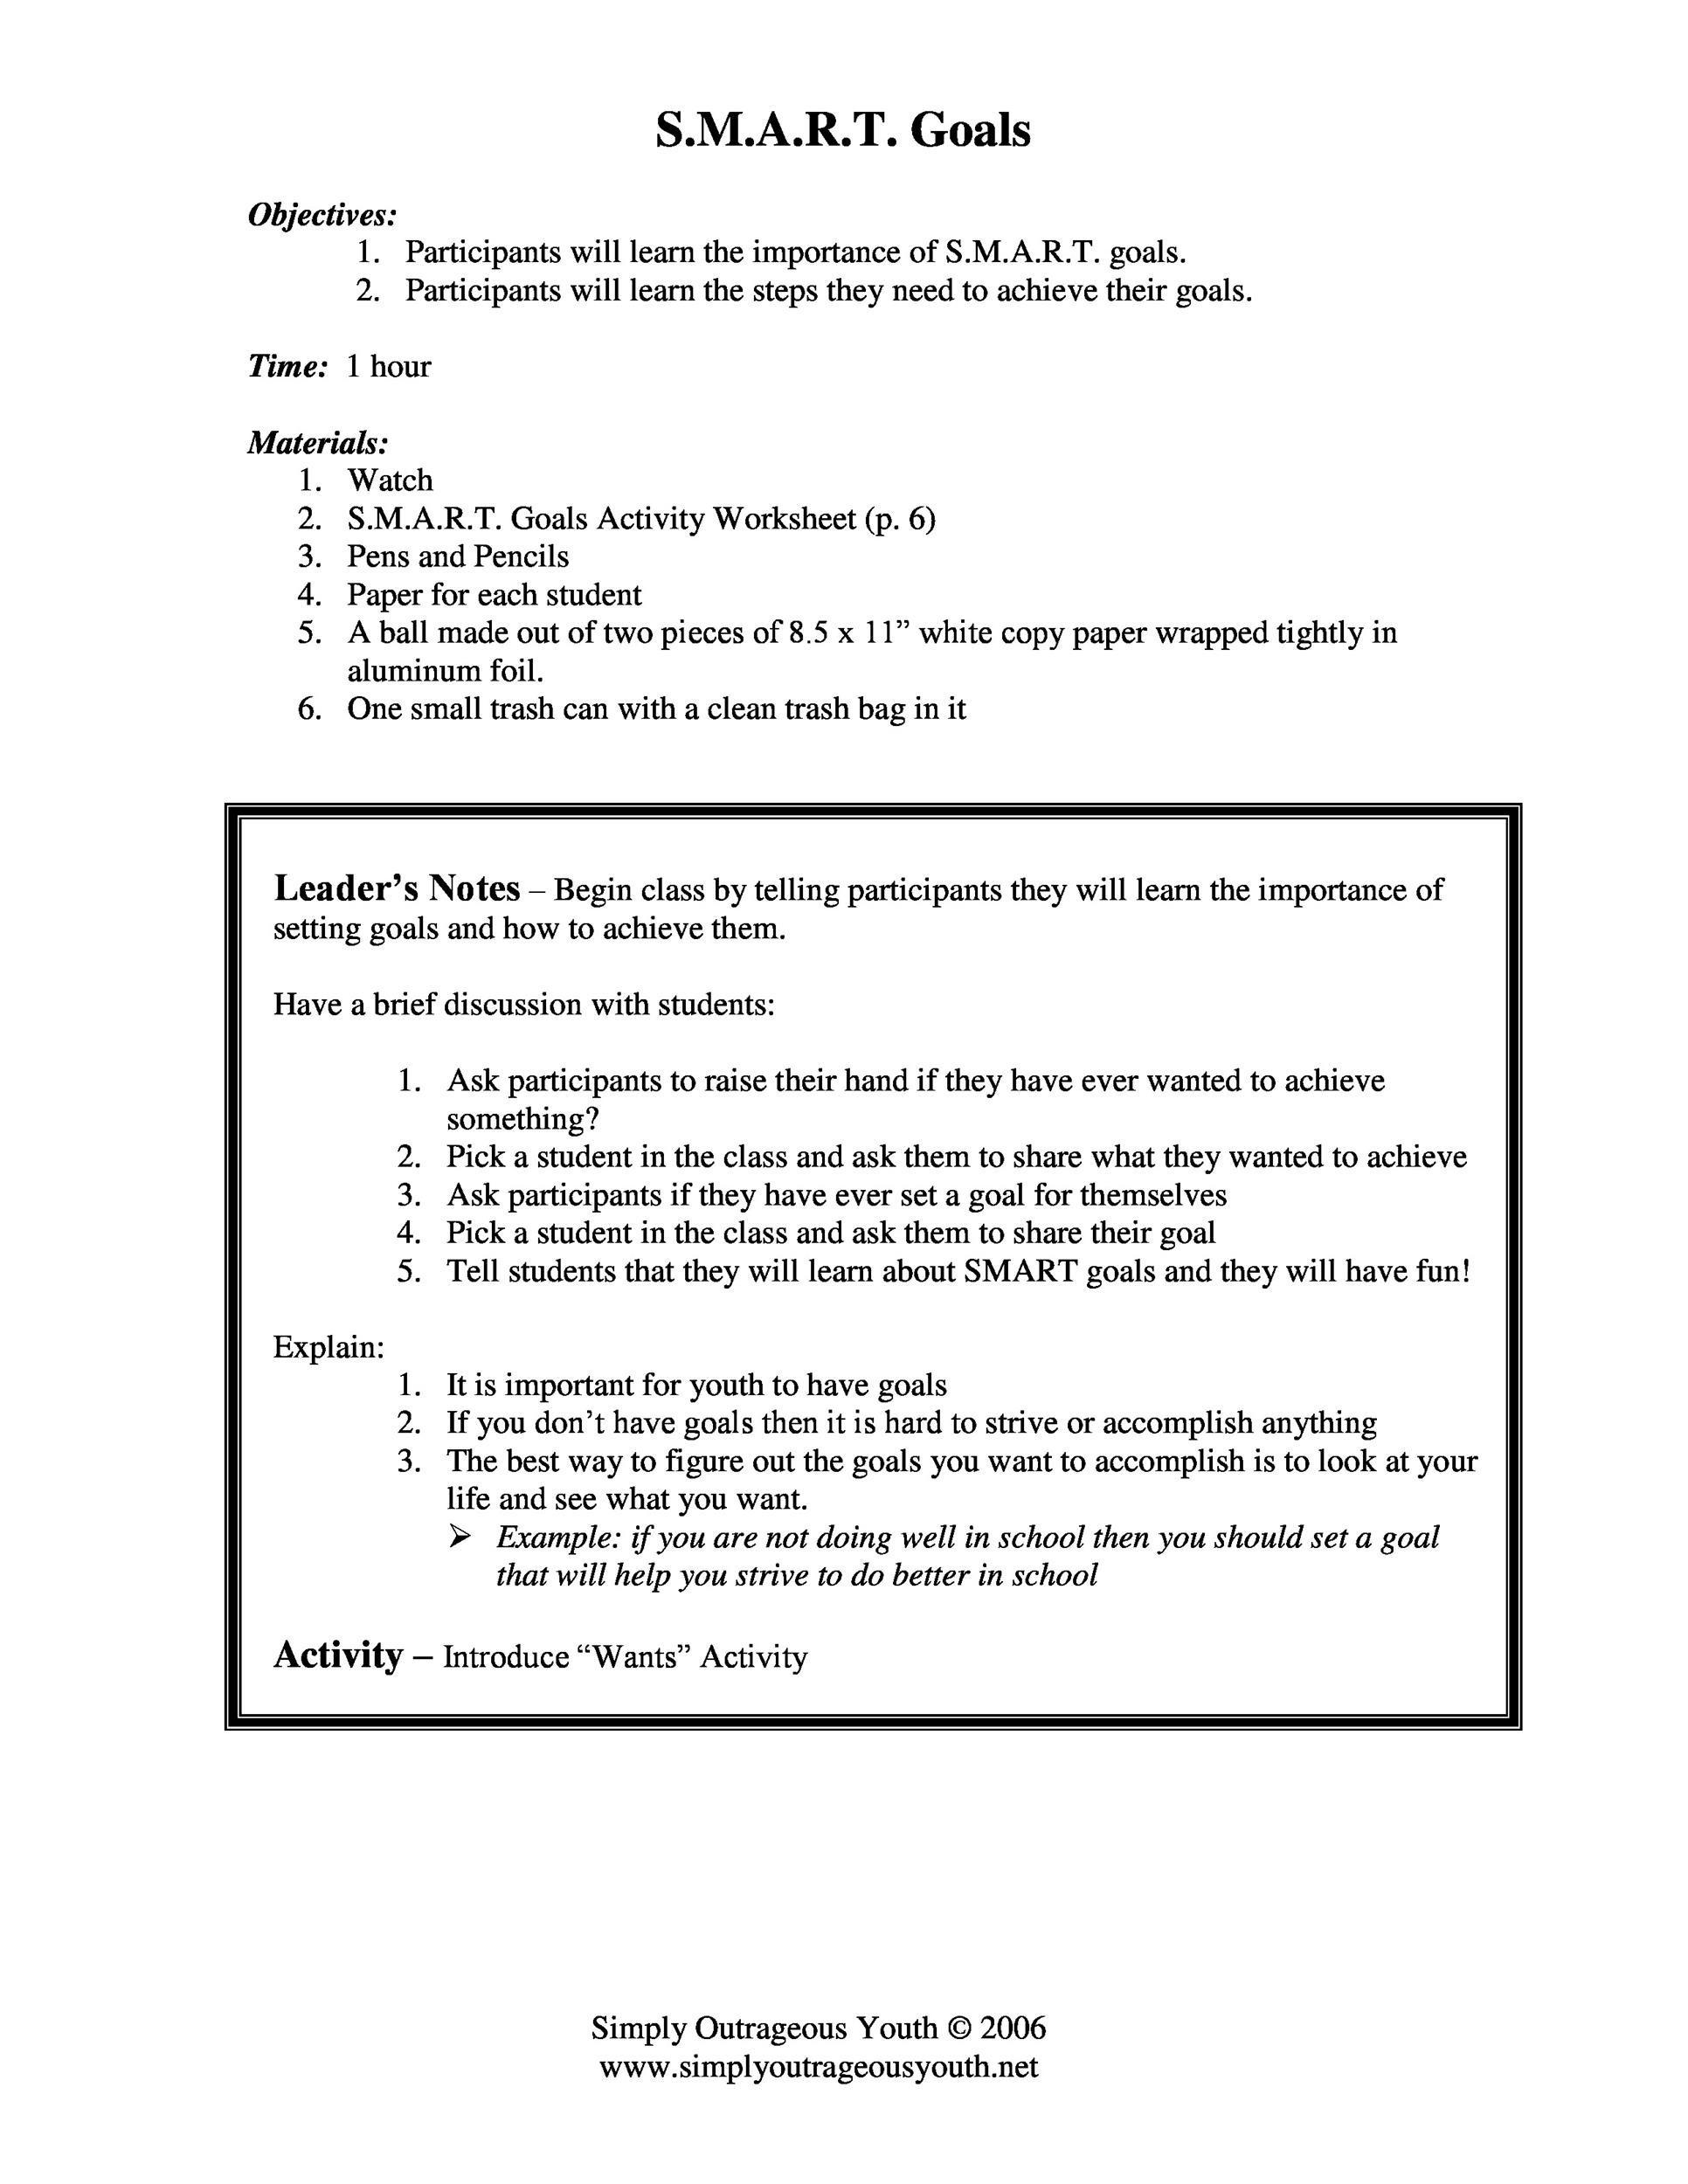 Free Smart Goals Template 01